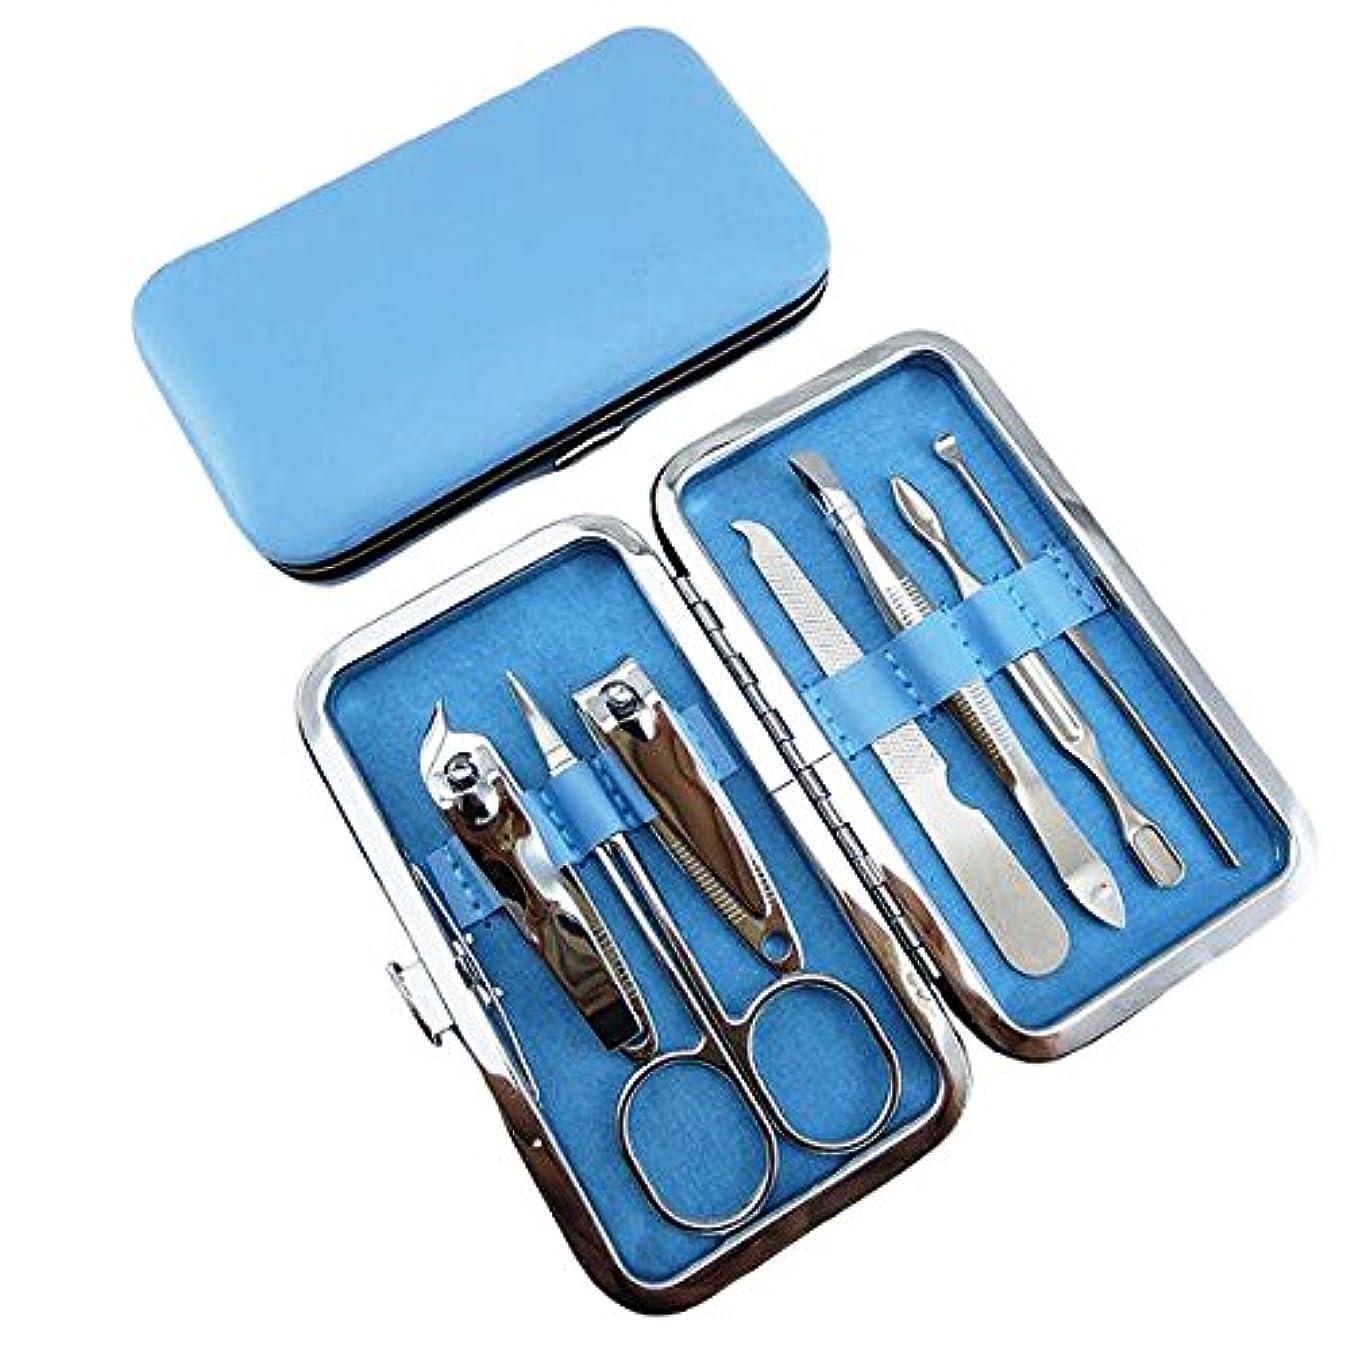 退屈な褒賞均等にネイルケア セット 爪切りセット 6セット 携帯便利グルーミング (ブルー)